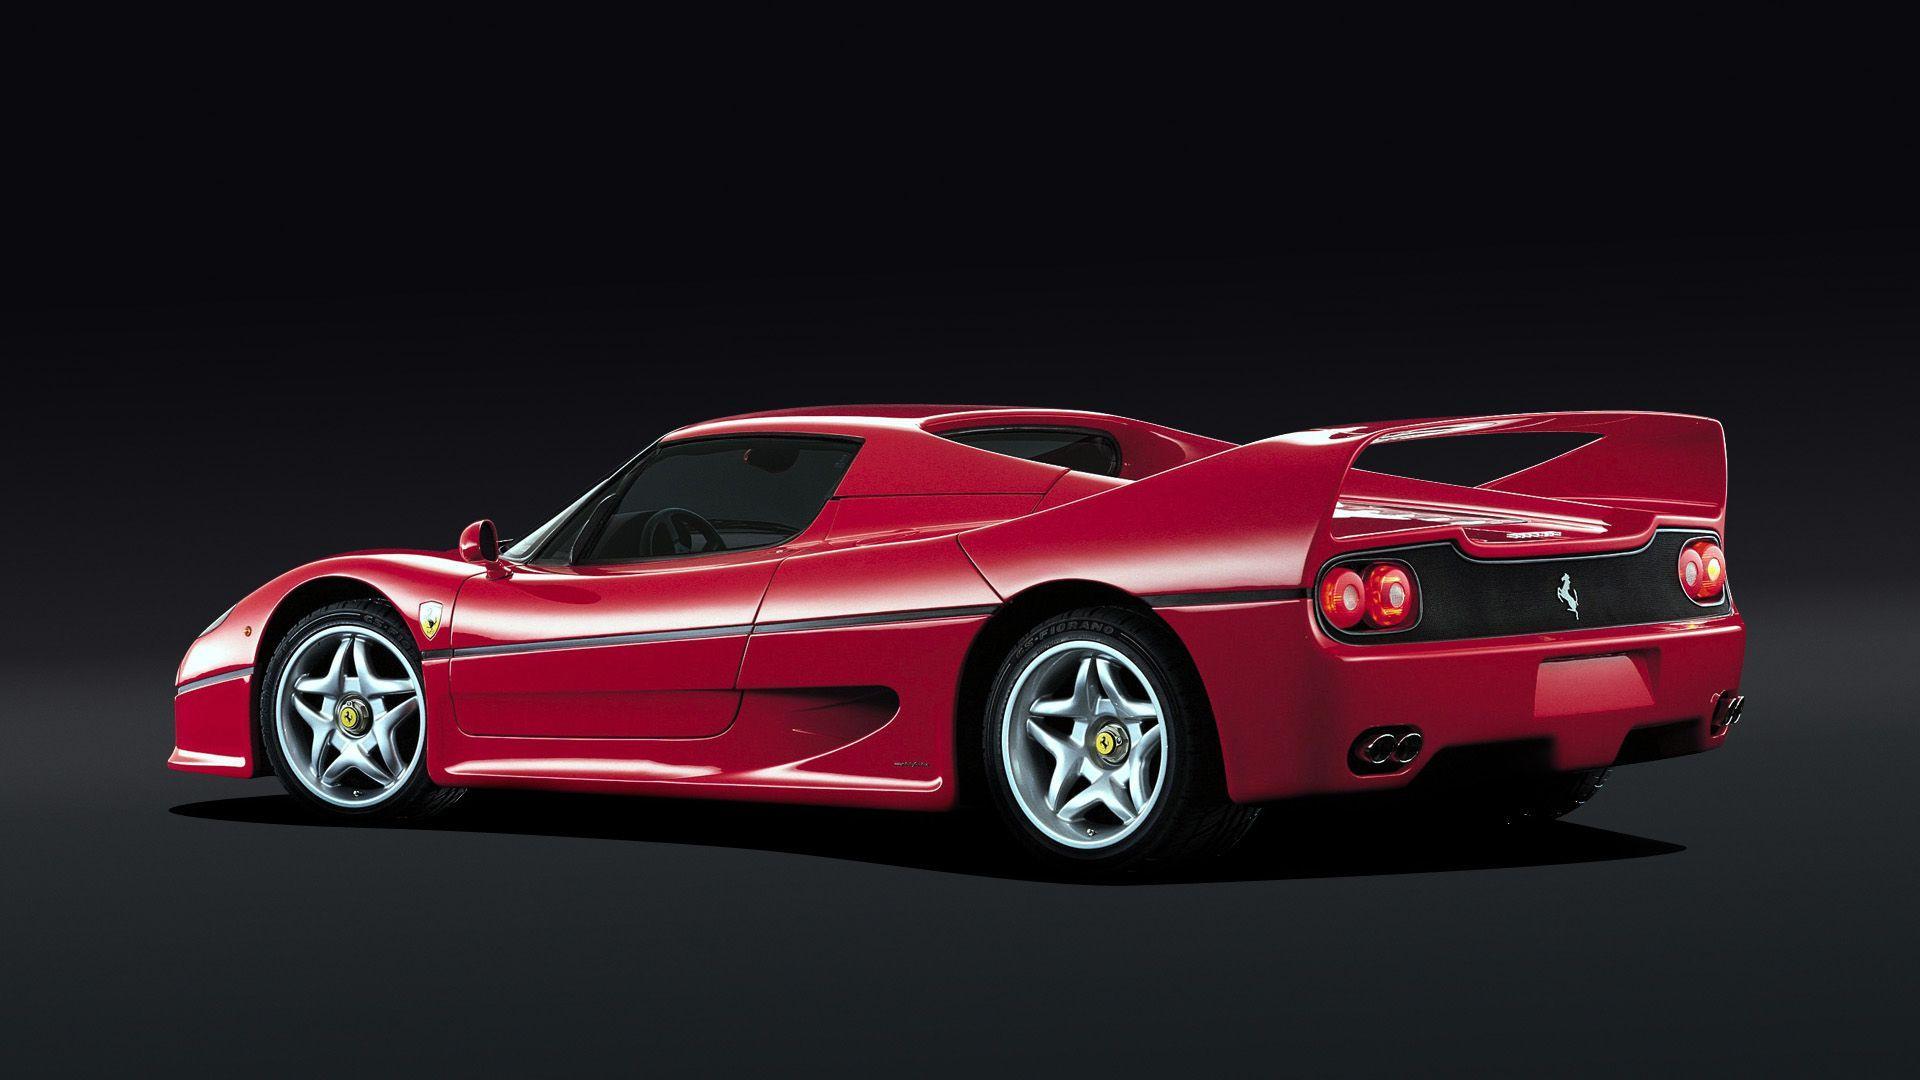 Ferrari F50 Wallpapers Wallpaper Cave